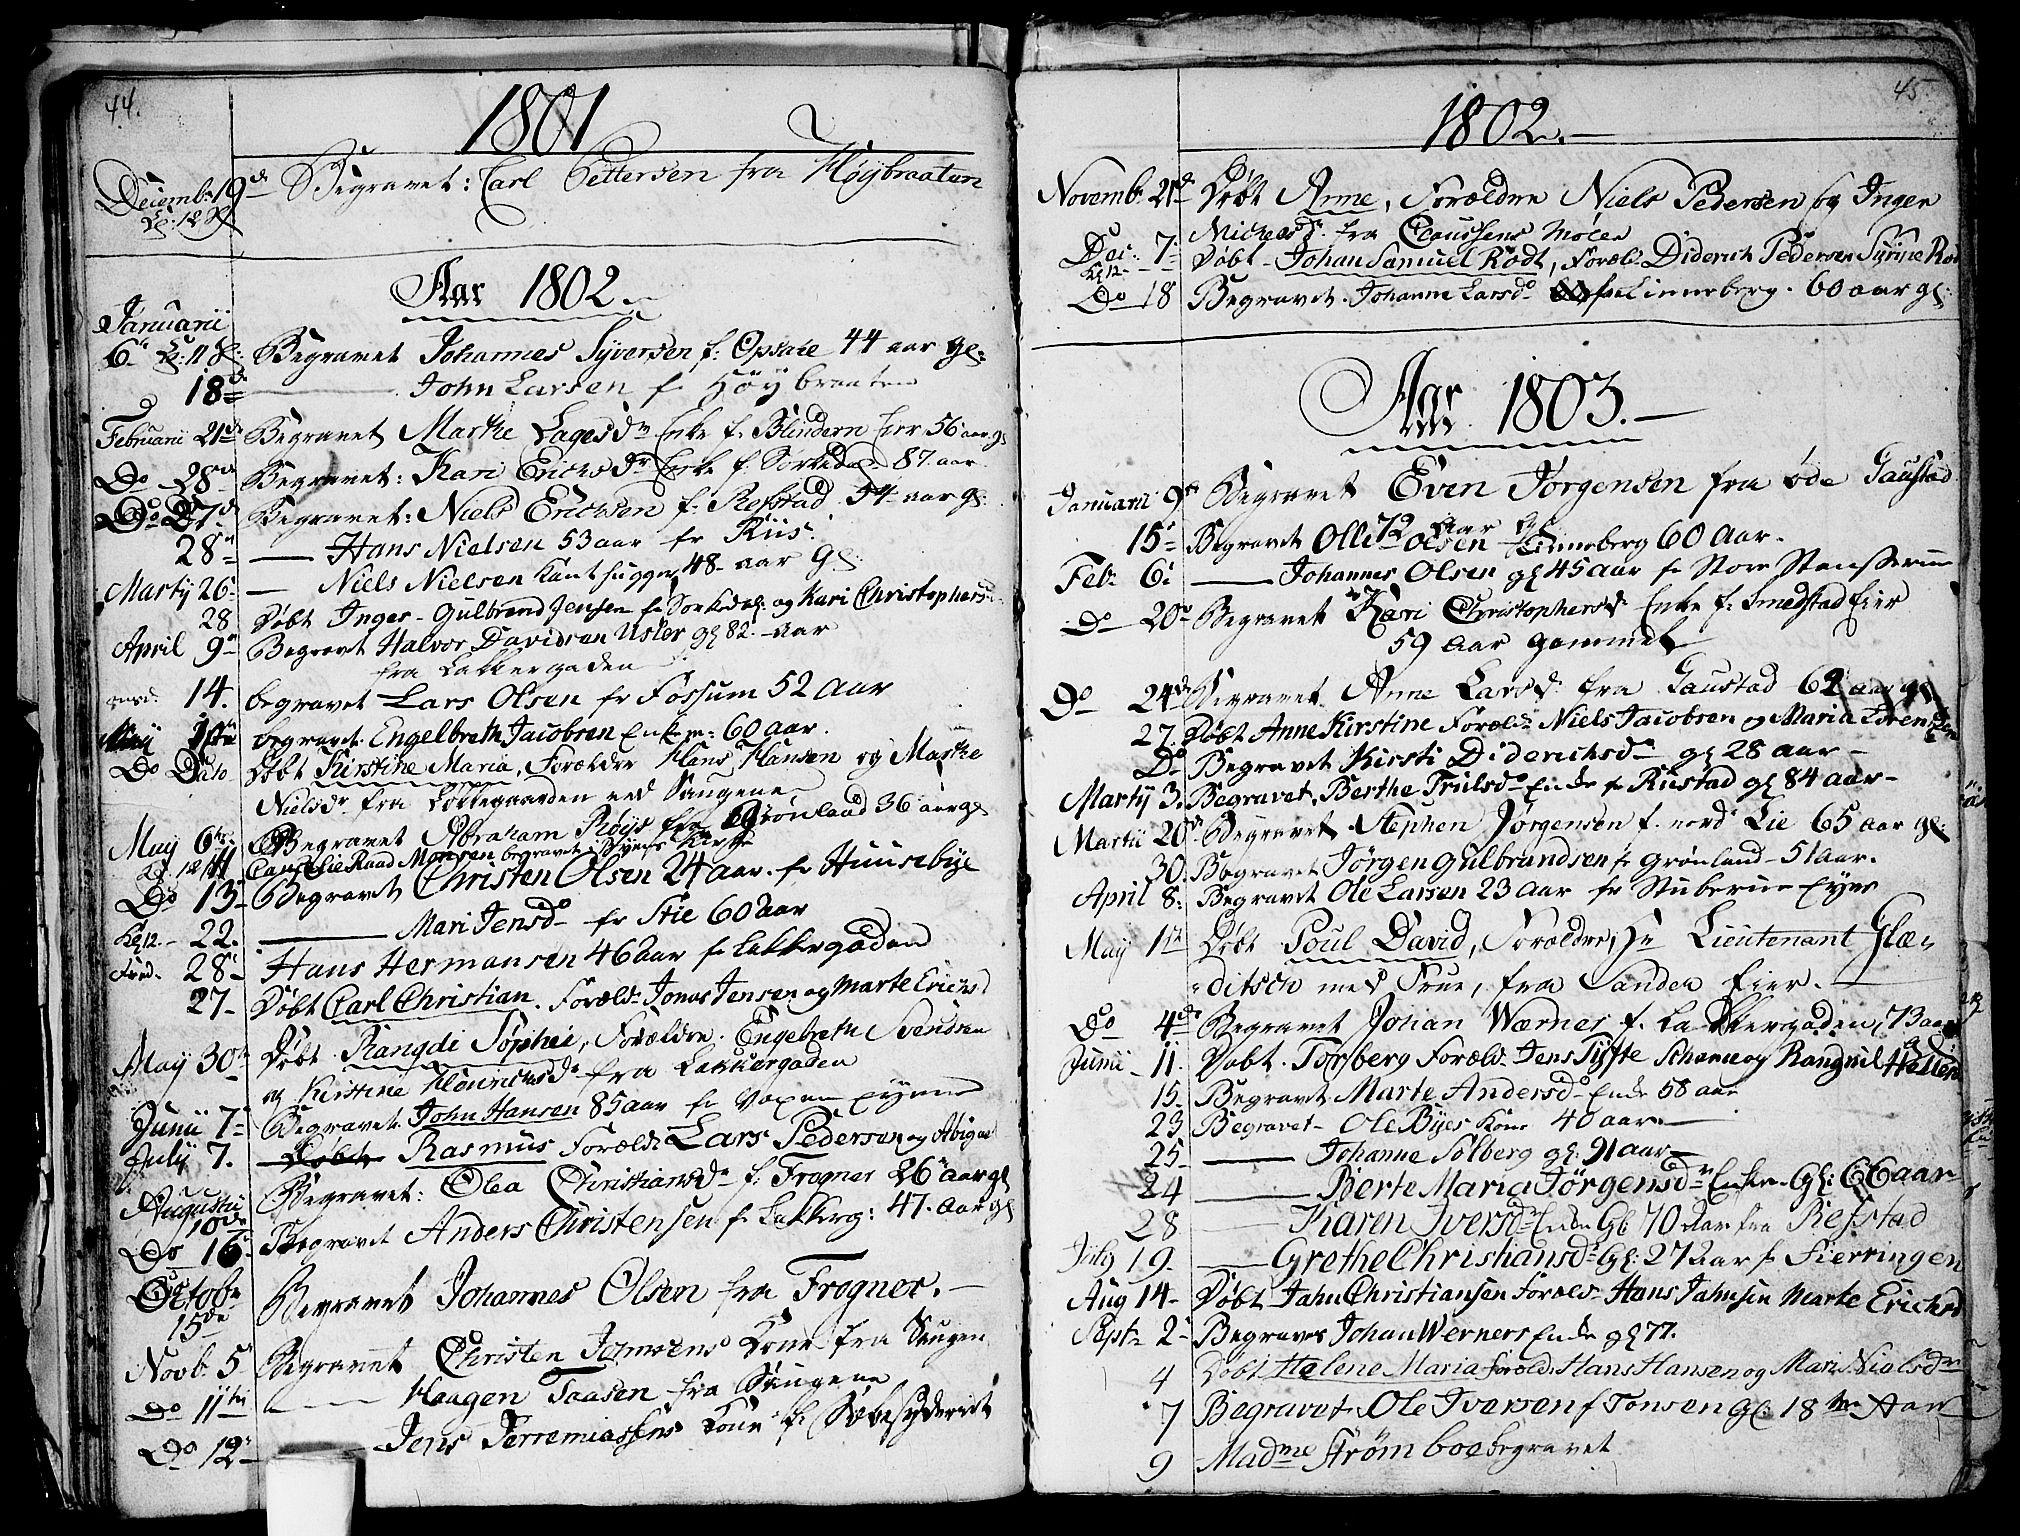 SAO, Aker prestekontor kirkebøker, G/L0001: Klokkerbok nr. 1, 1796-1826, s. 44-45